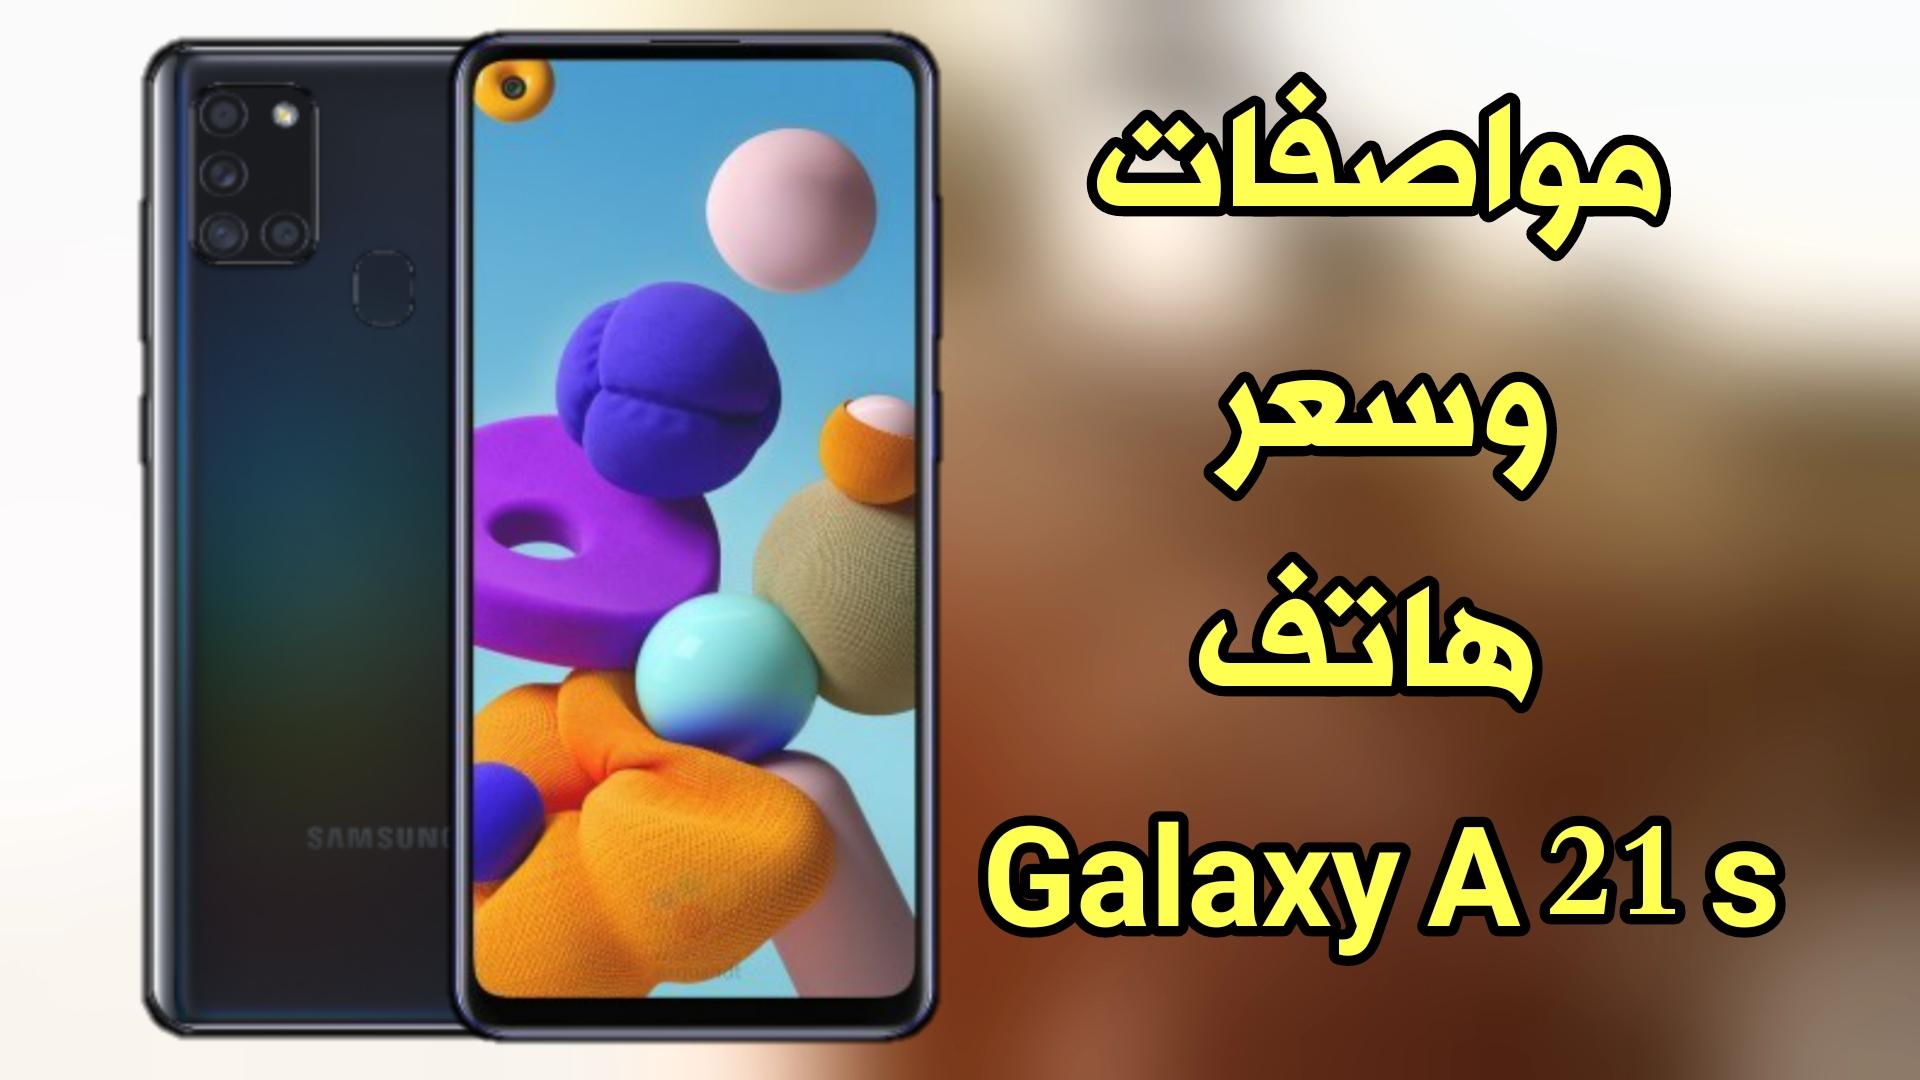 تعرف على مواصفات وسعر هاتف Galaxy A21s المرتقب ! بسعر رخيص وكامرات فائقة الدقة ذات عدسة واسعة!